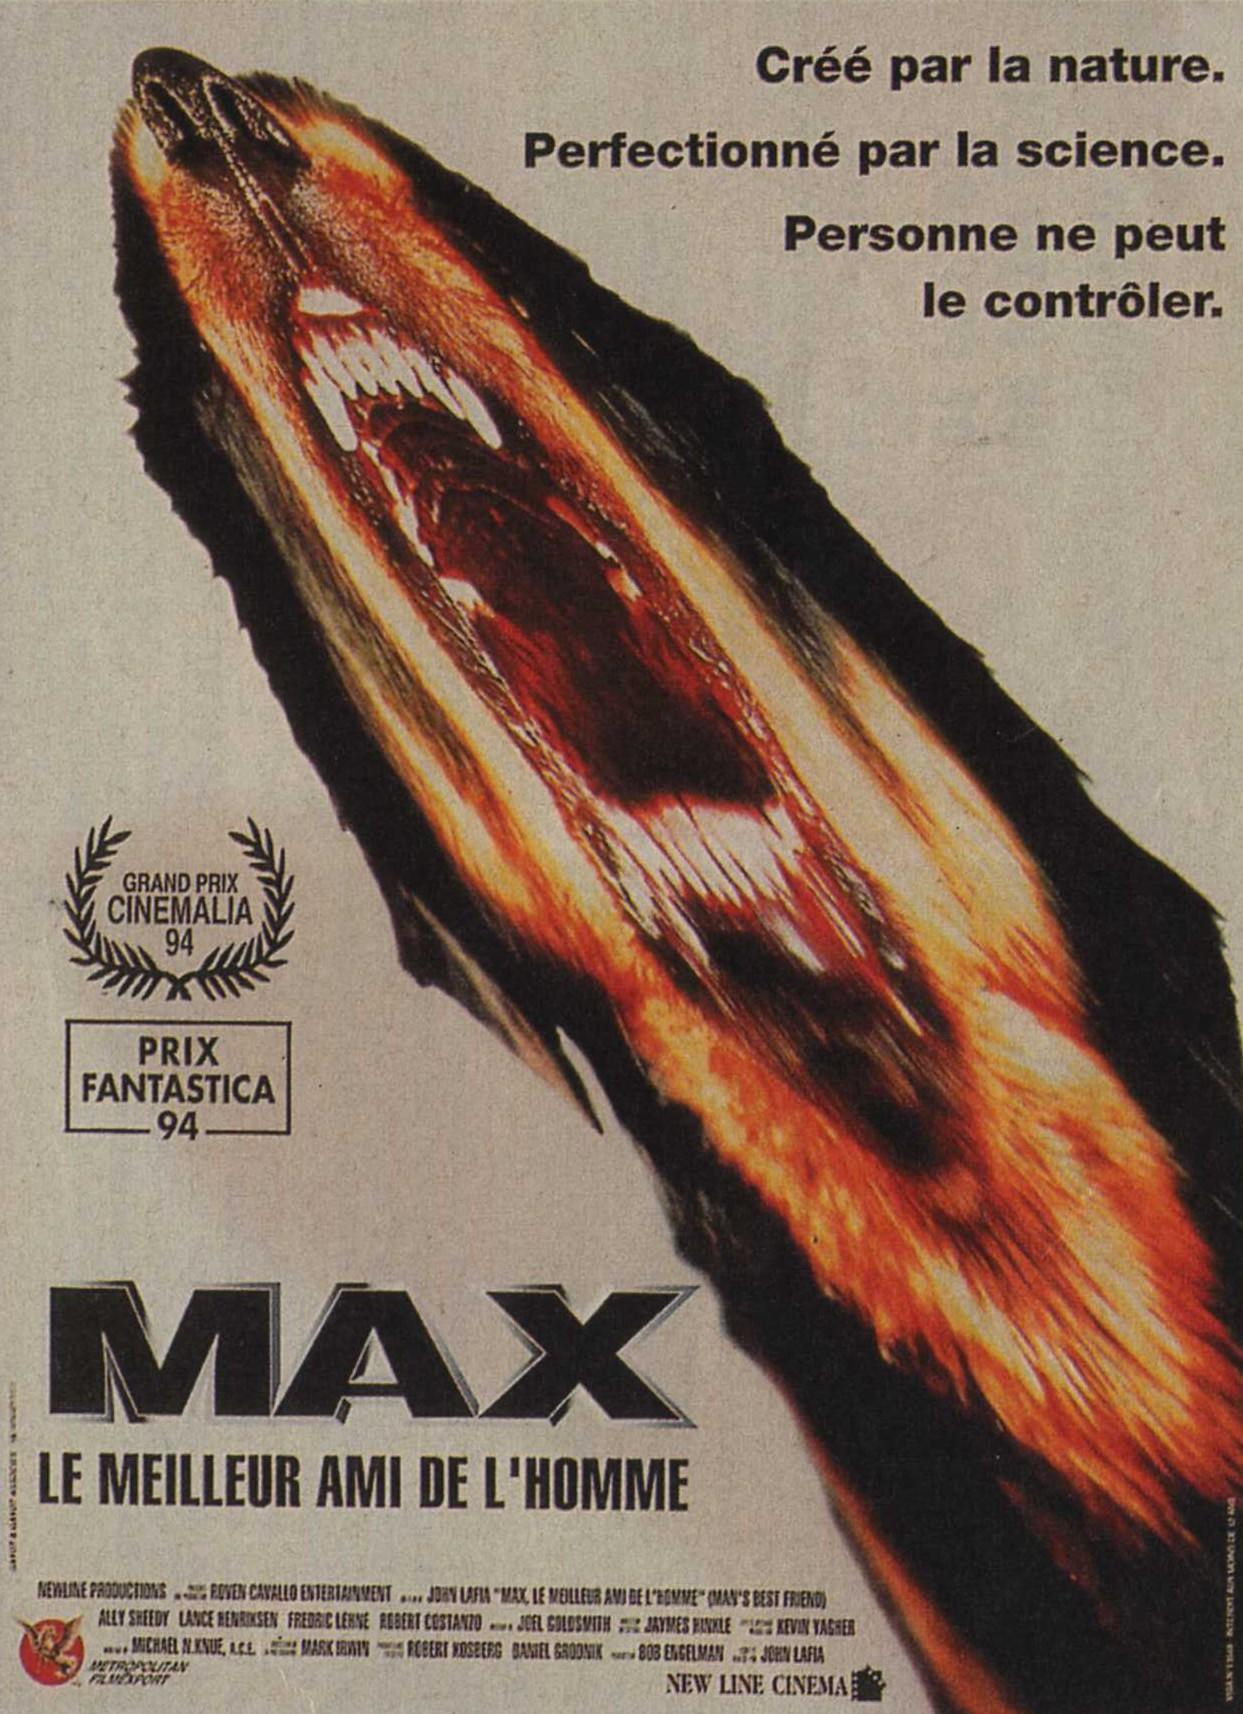 affiche du film Max, le meilleur ami de l'homme